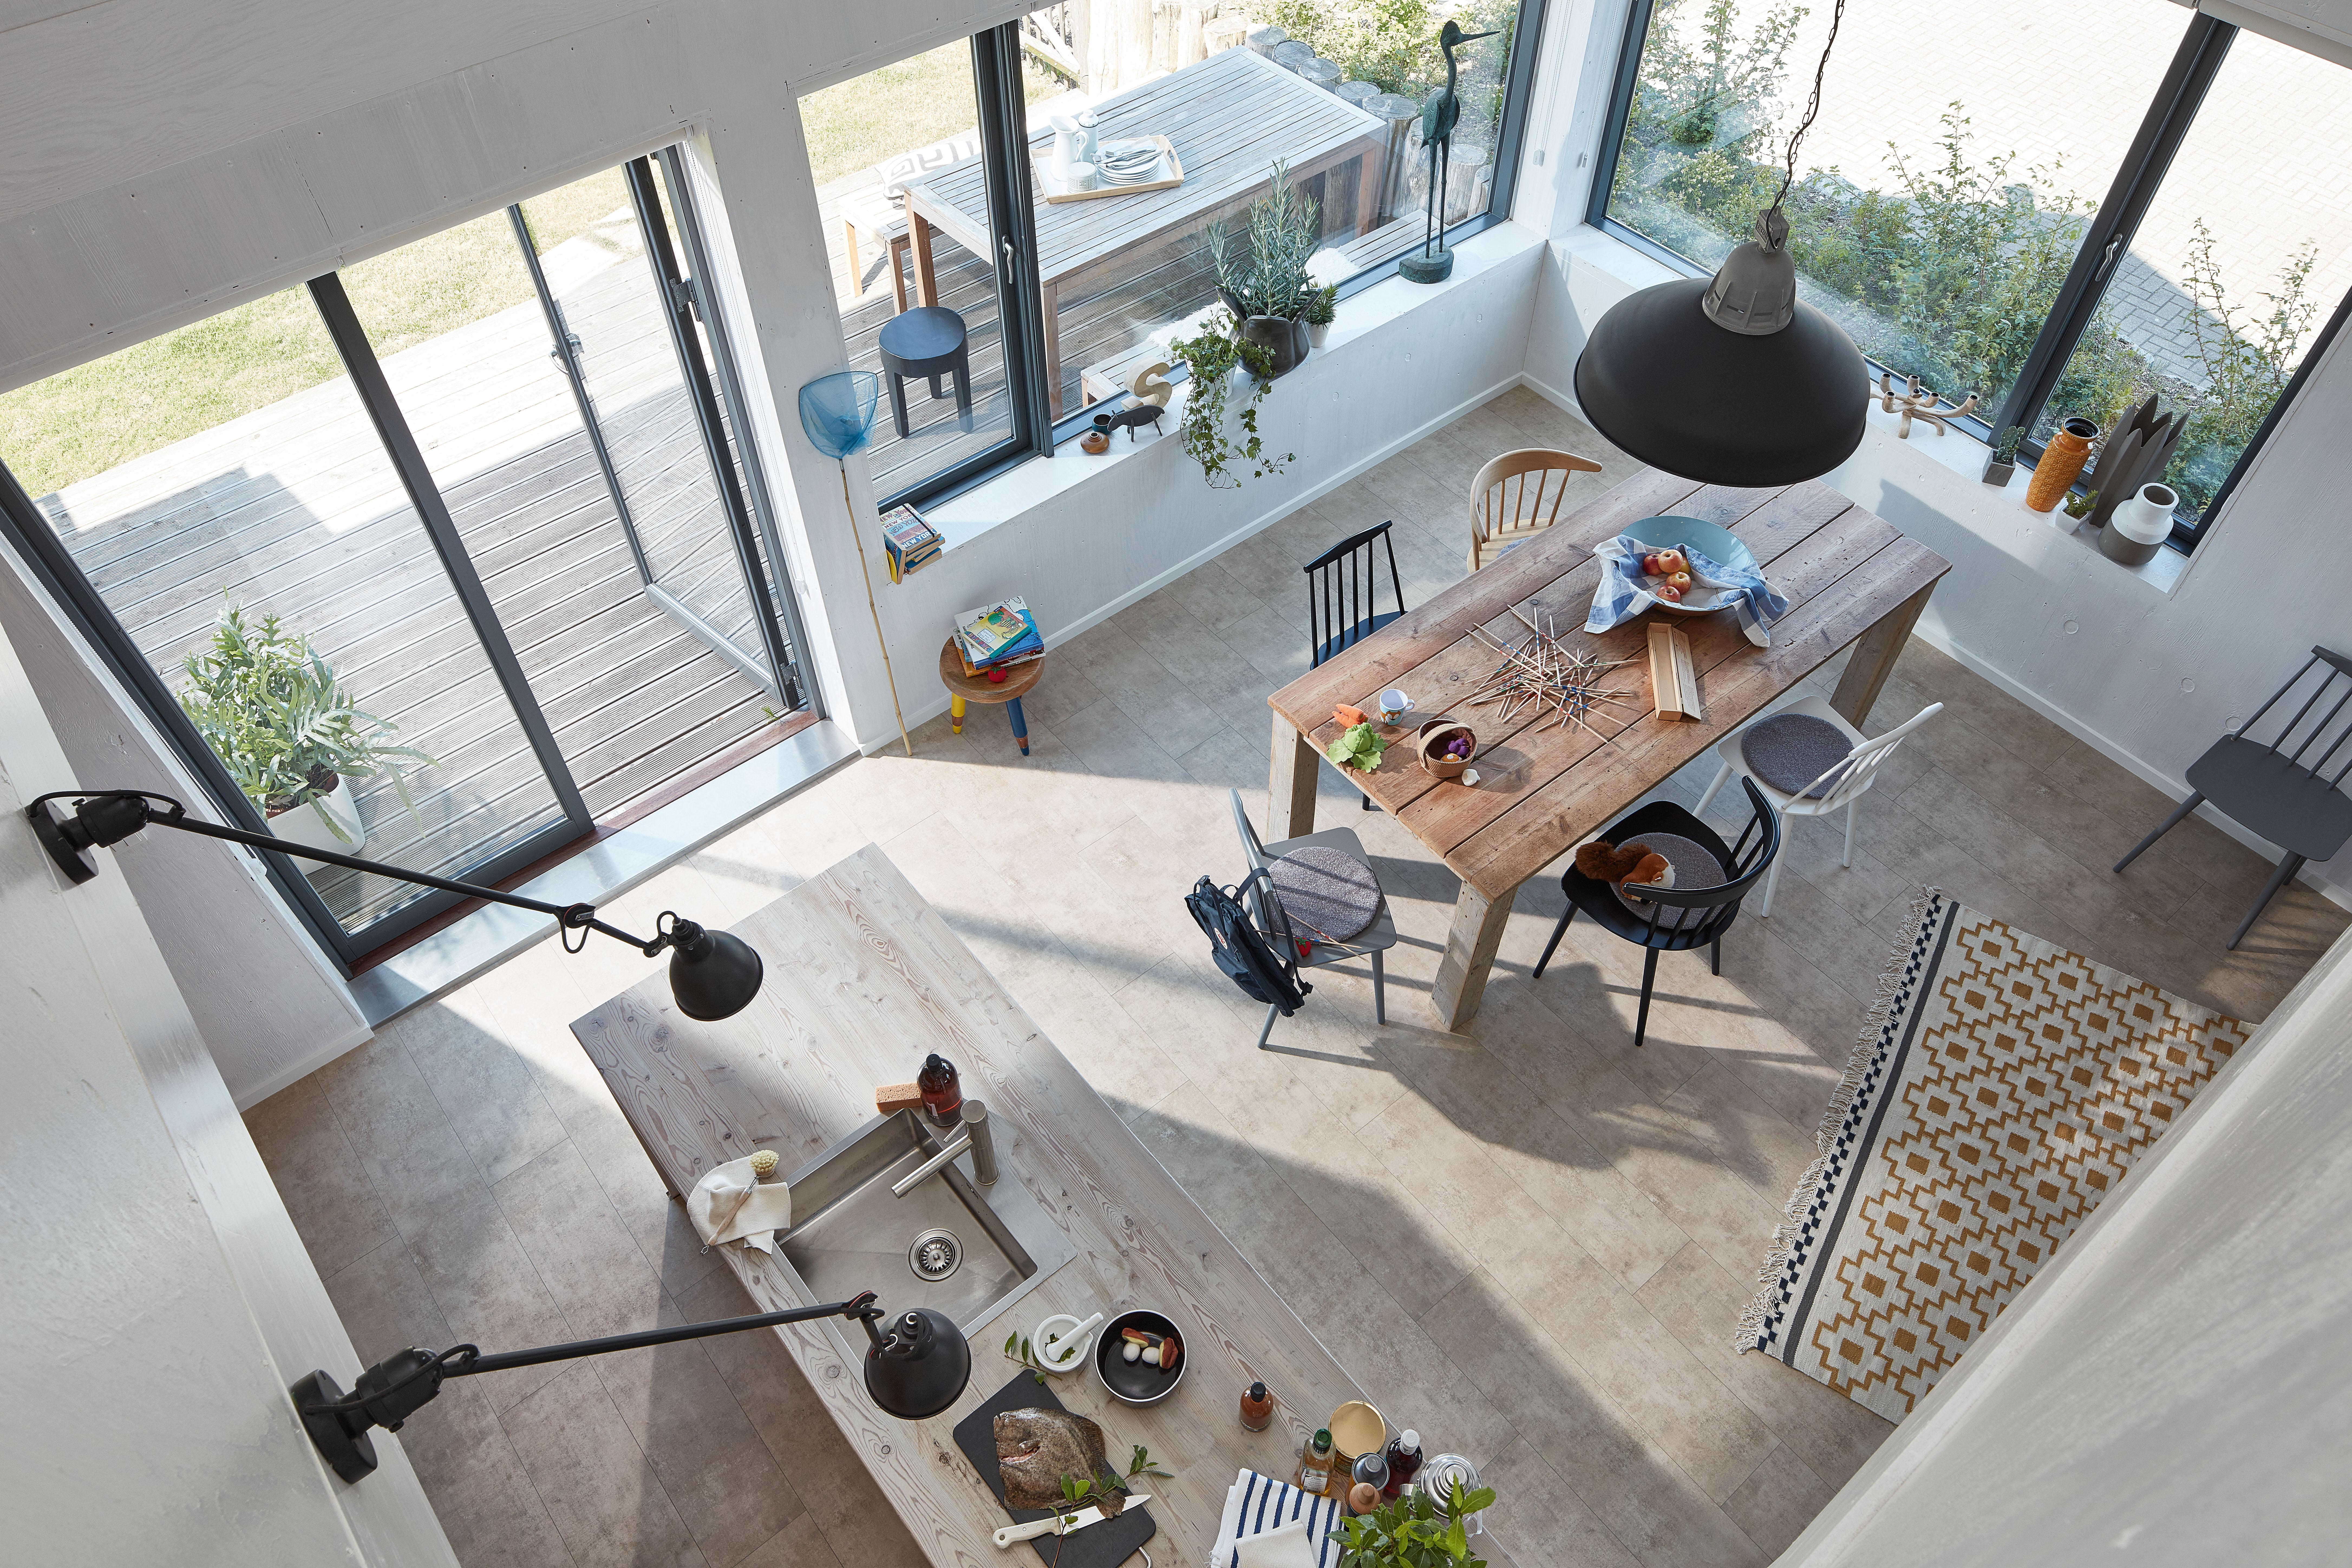 Fußboden Und Farbenwelt Ingelheim ~ Fußboden dämmung recticel dämmsysteme fußbodendämmung m² pur